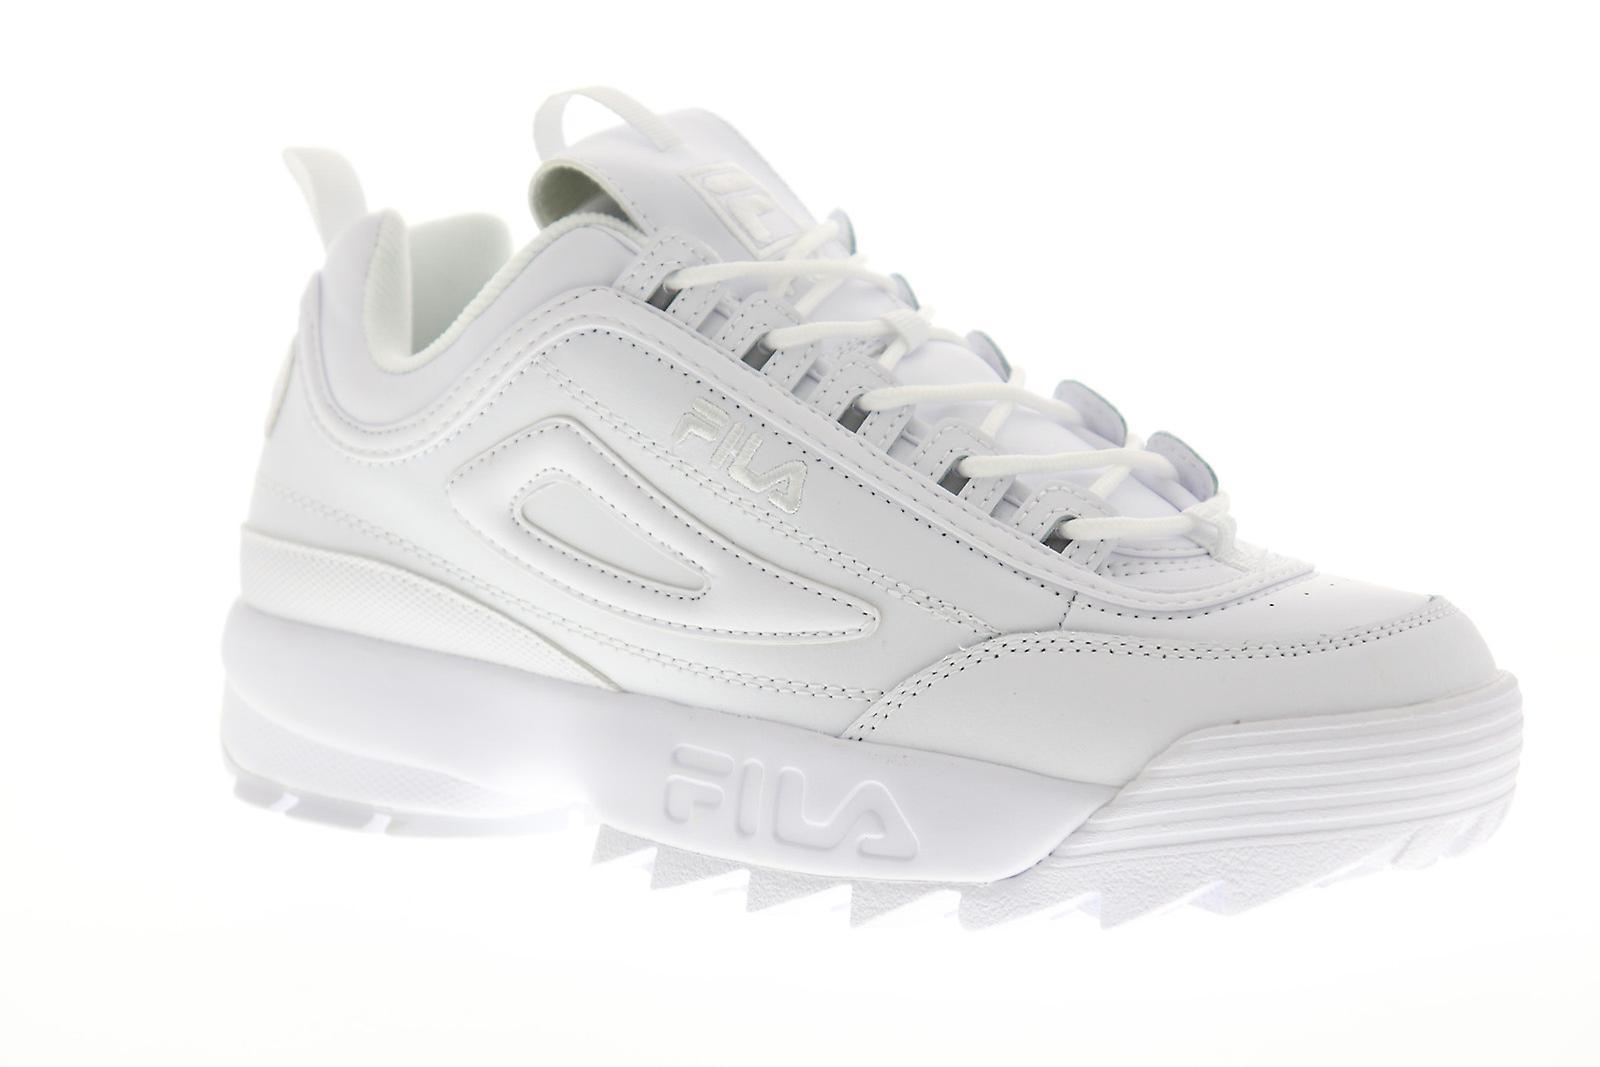 Fila disruptor II Premium 1FM00139-100 Mens vit casual låg Top snea...